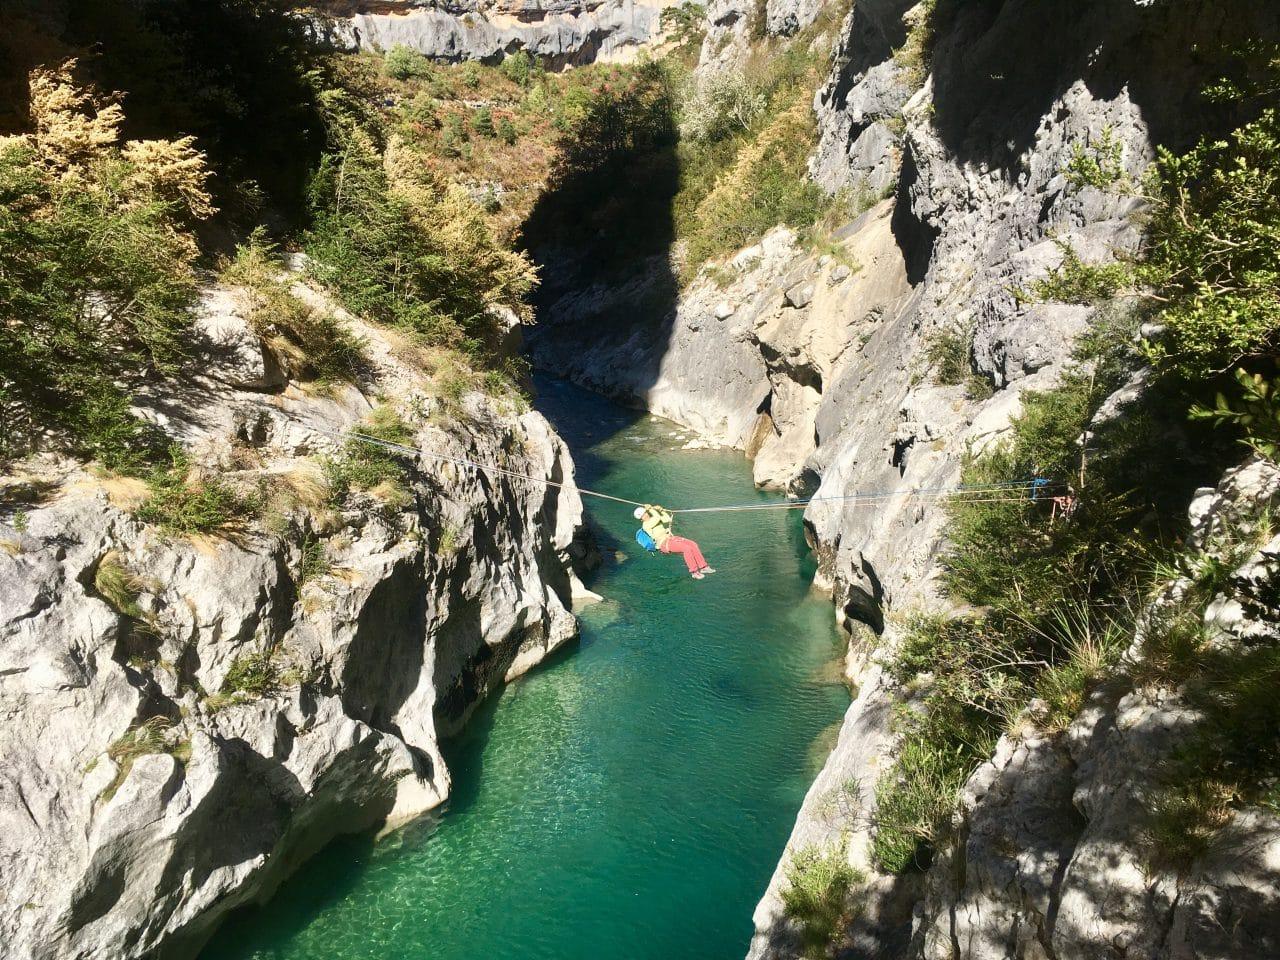 Sophie Gétaz dans une des longues voies d'escalade des gorges du Verdon. Les deux doigts dans le nez, Valse pour Manon, Lunathine. Voies d'escalades parcourues avec le guide de montagne Yann Nussbaumer.